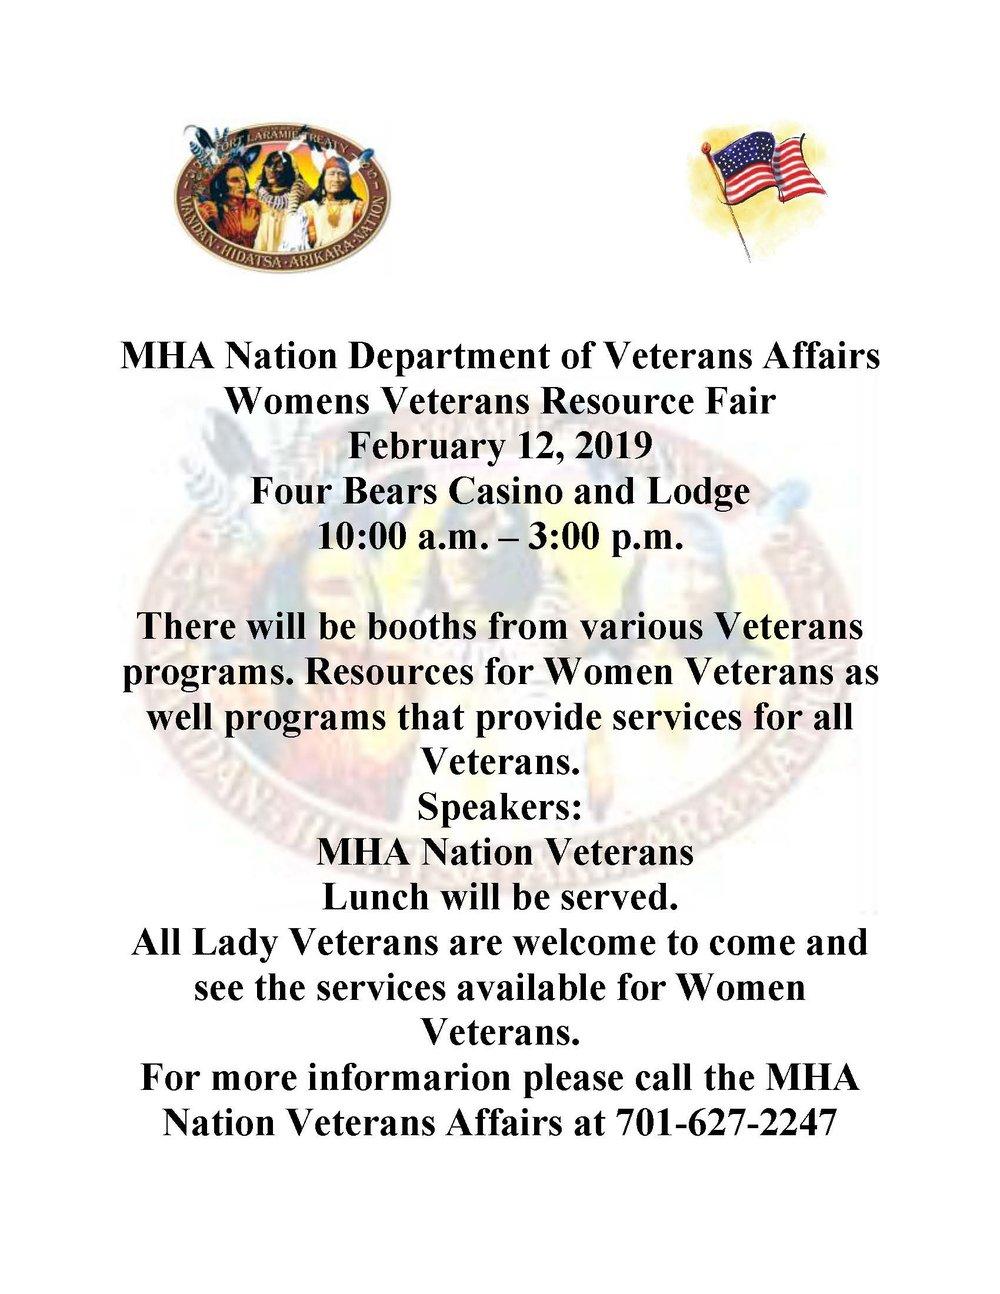 Women Veterans Resource Fair Flyer.jpg